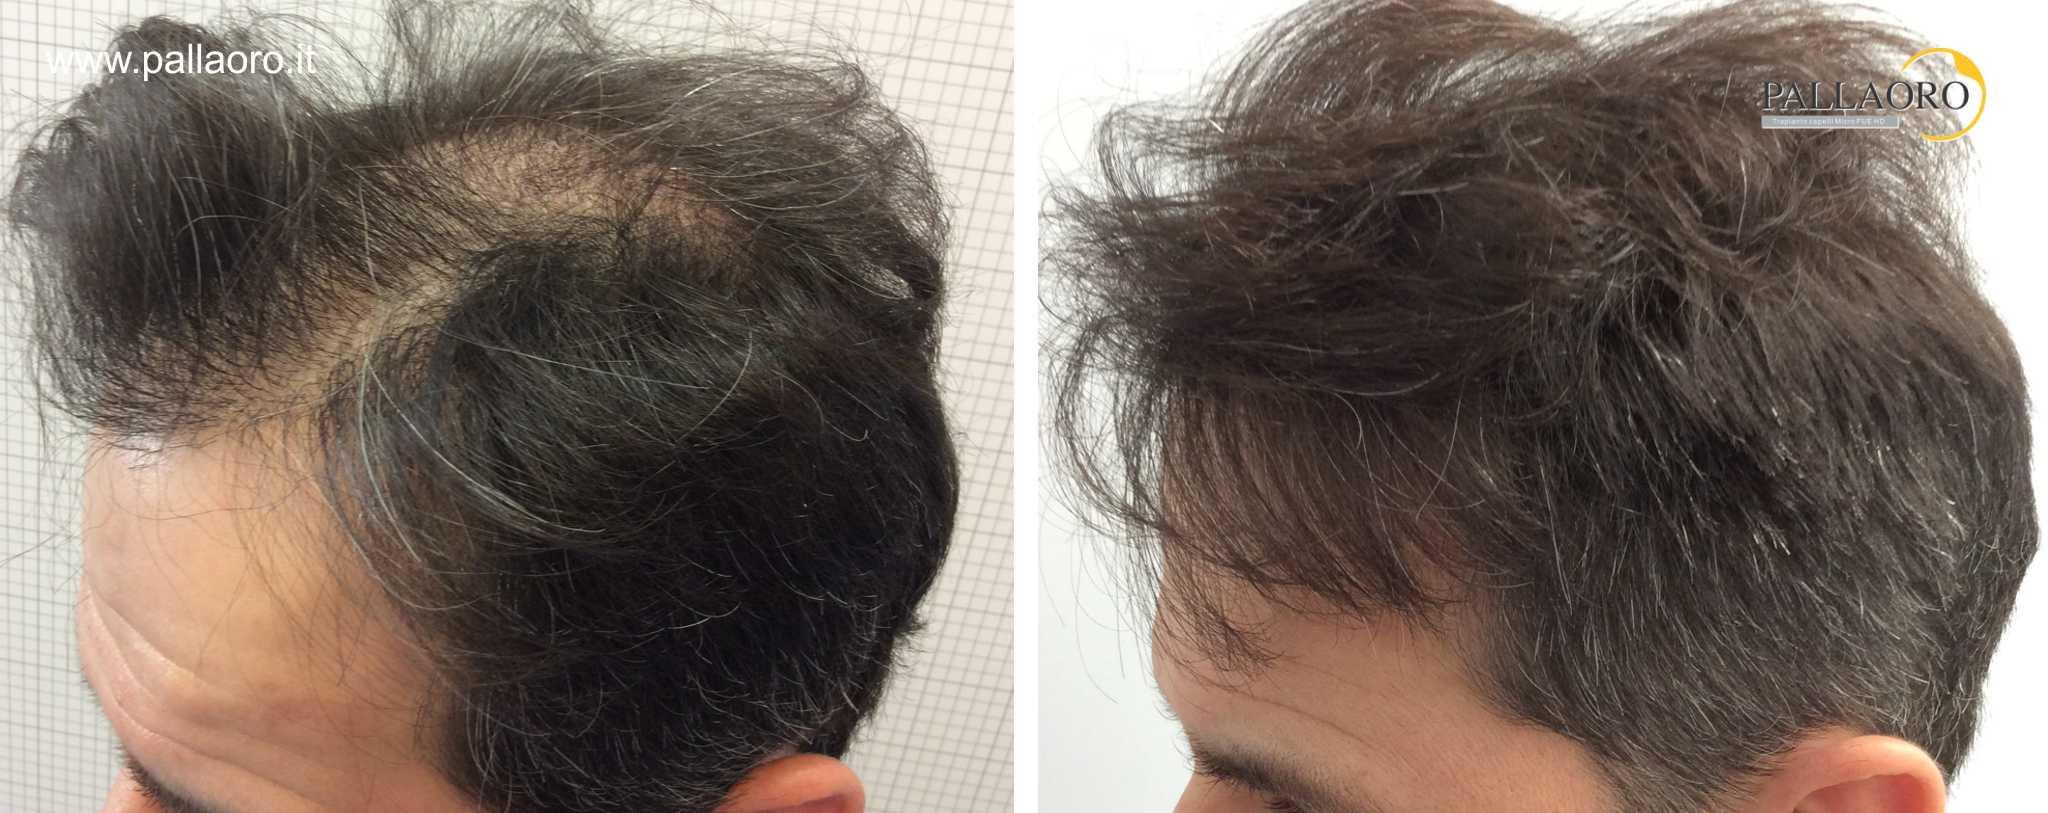 Trapianto capelli foto: trapianto capelli 01062